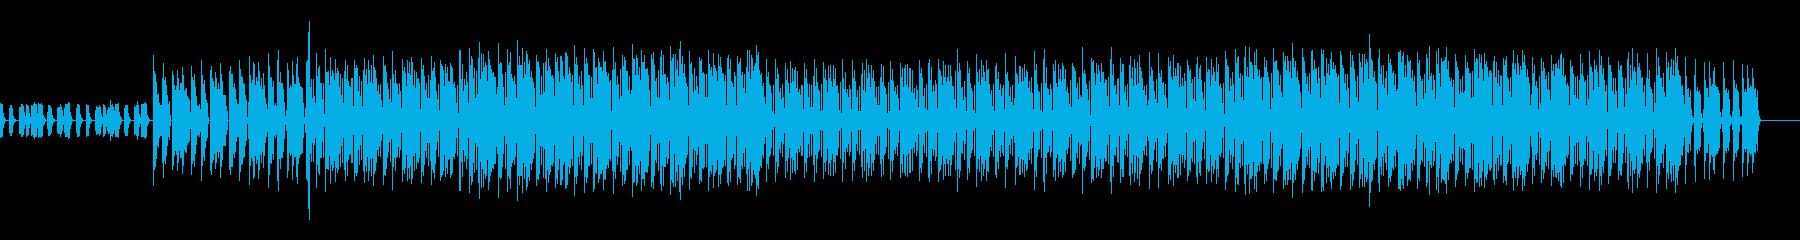 かわいい、ゆるい、コミカル-05の再生済みの波形